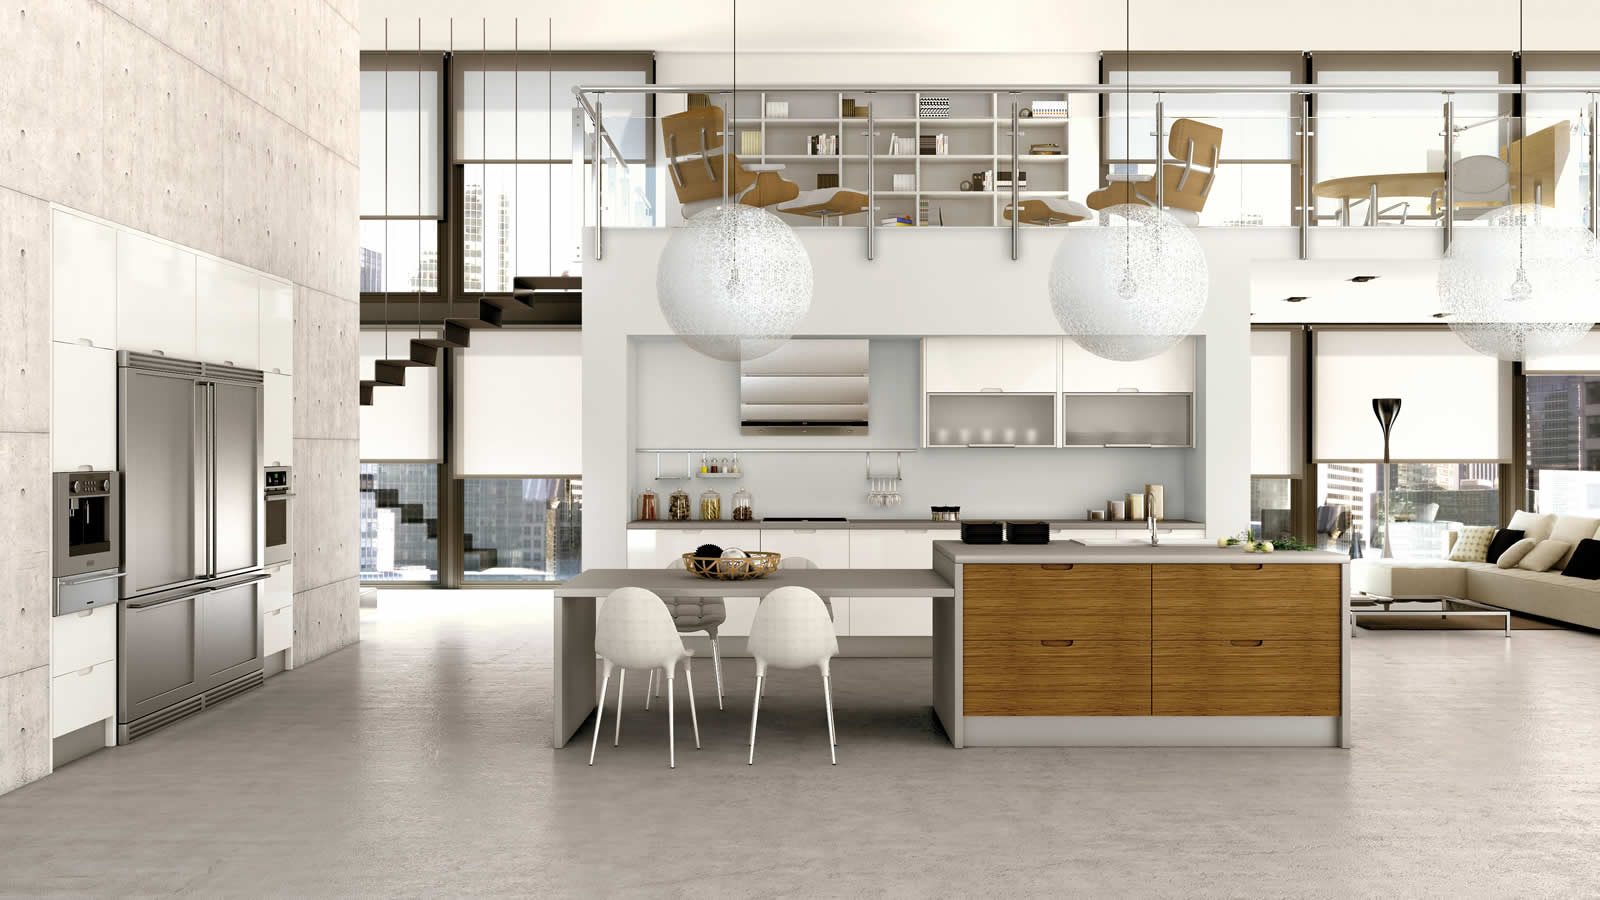 Muebles de cocina en lacado blanco y madera - Muebles de cocina blanco ...